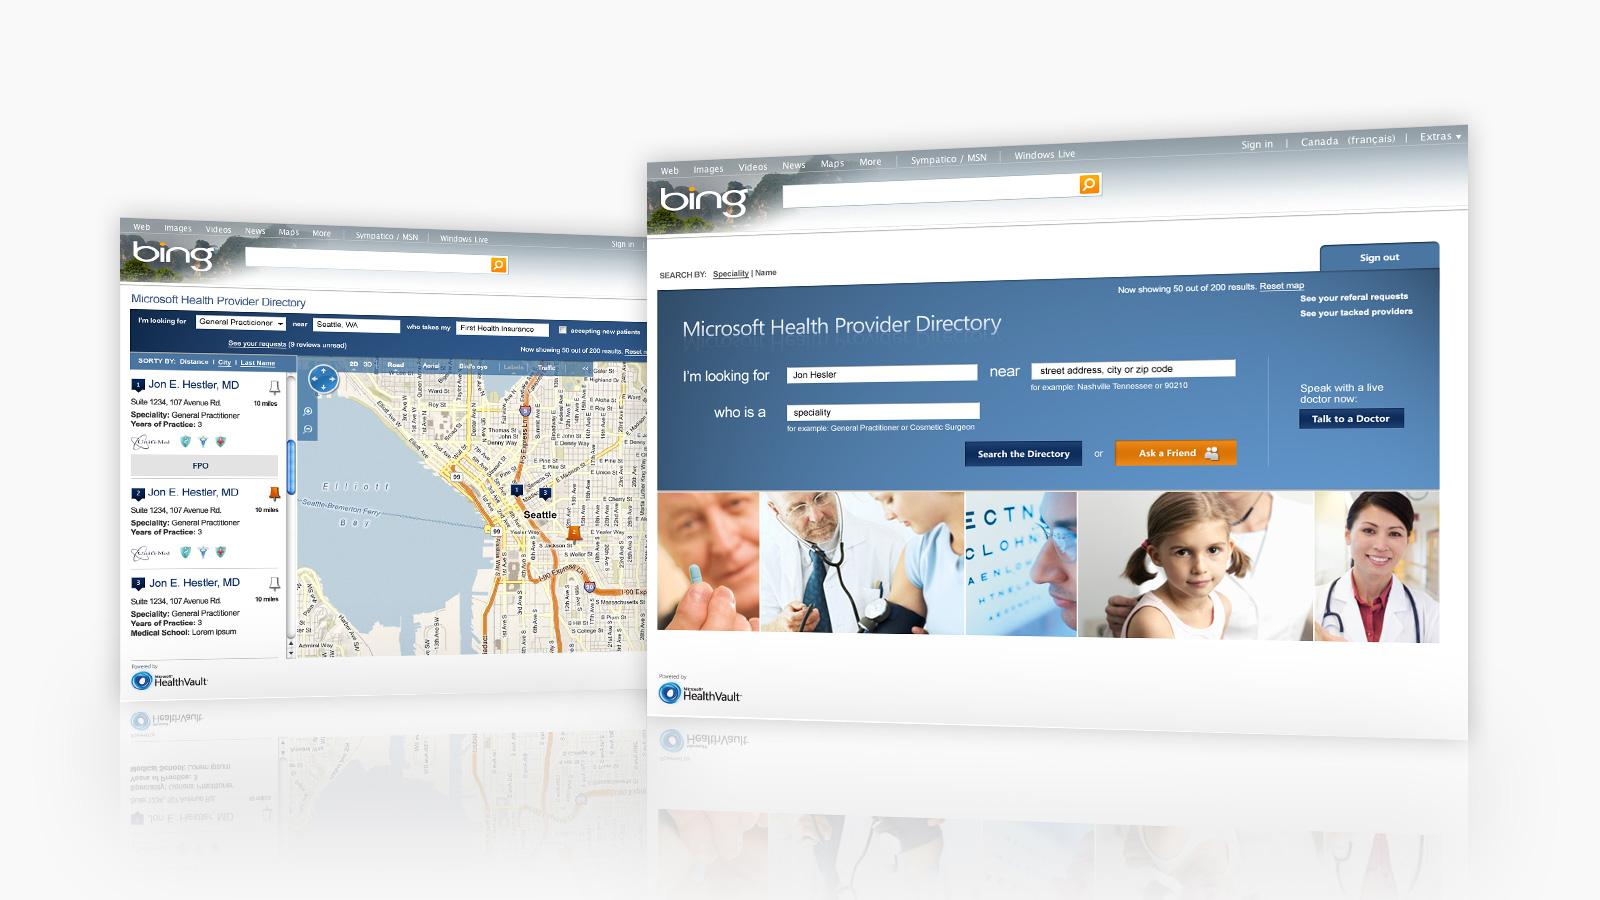 Microsoft Health   Portail santé Microsoft HealthVault   CRM, Développement d'application, Innovation numérique, Marketing numérique, Mobilité adaptée, Stratégie